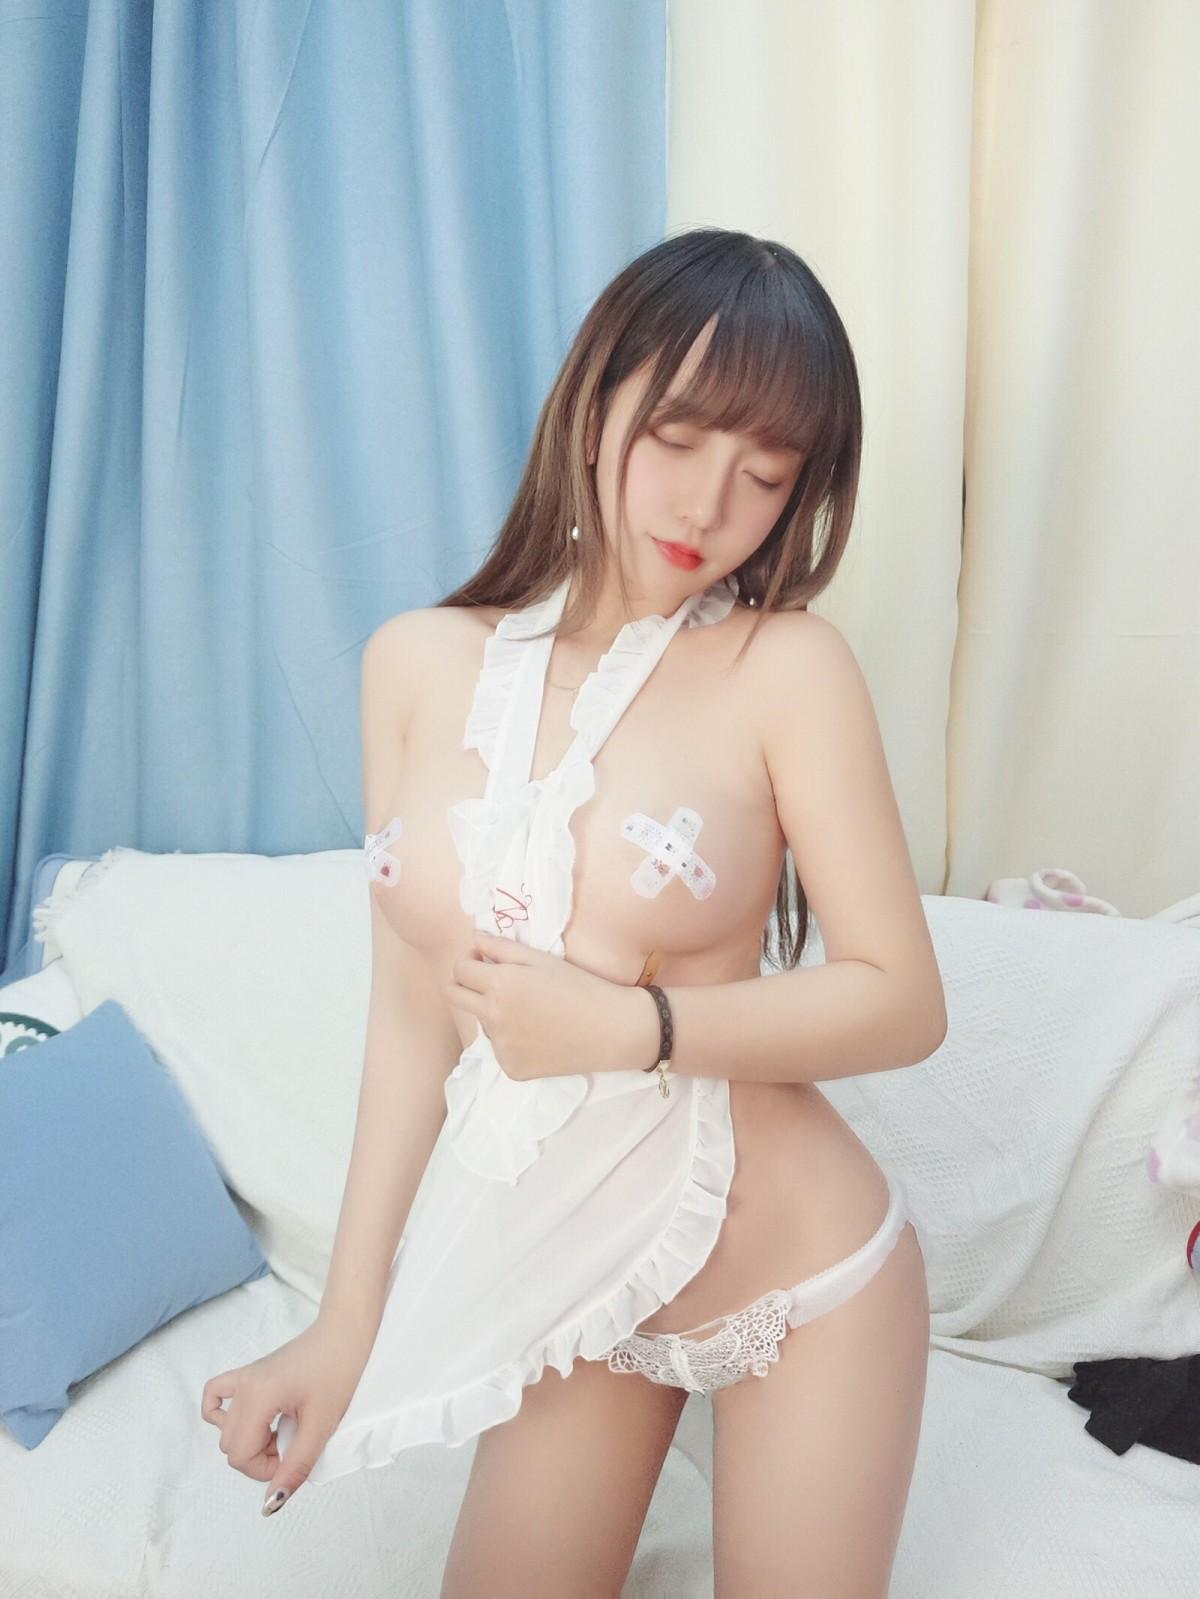 斗鱼米线线sama写真 围裙[19P] 其他套图 第3张